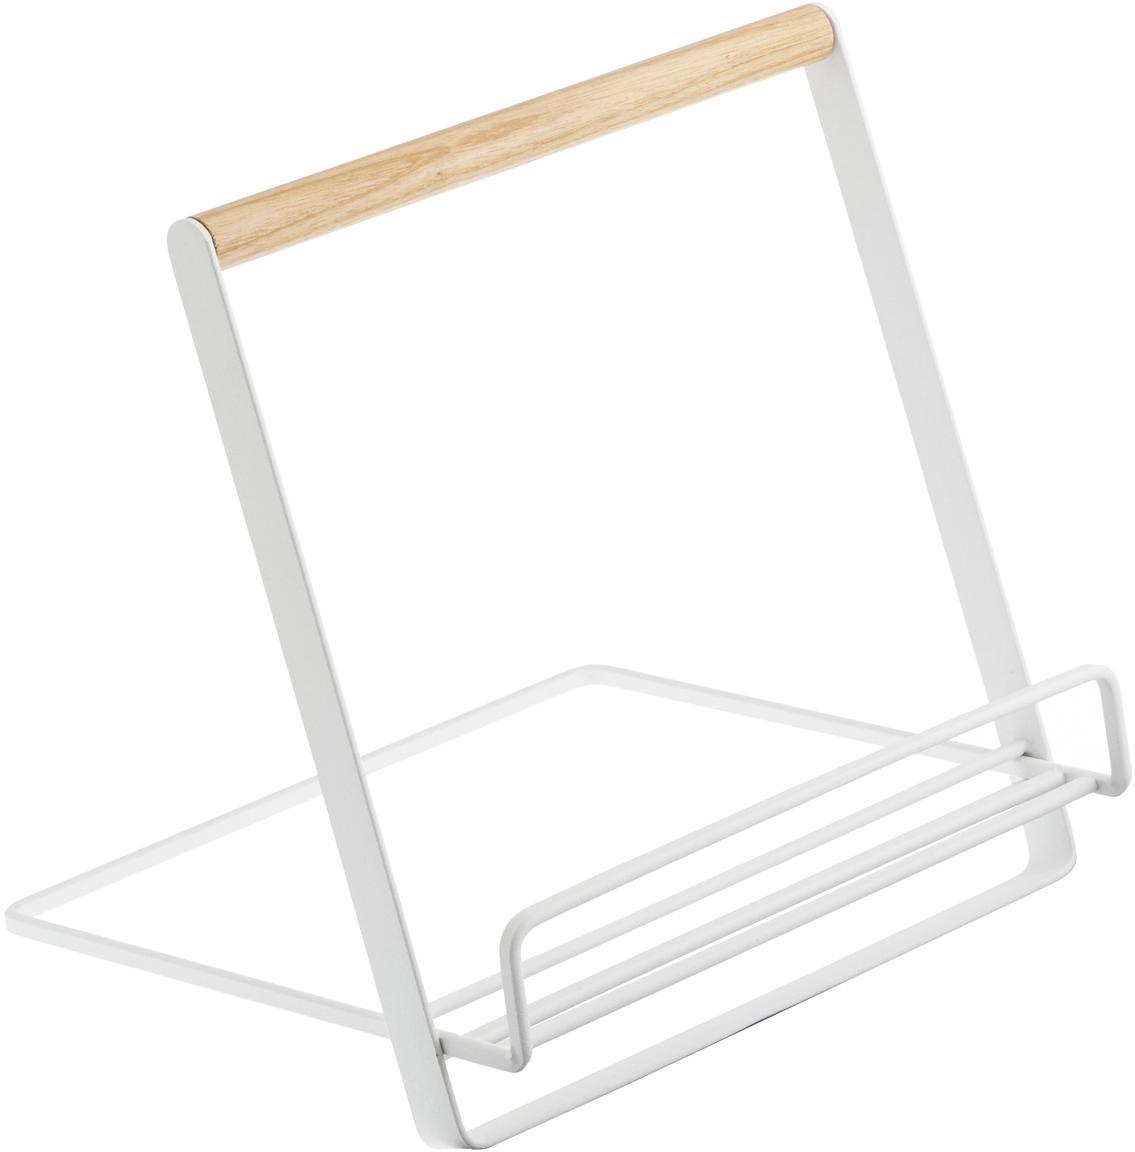 Stojak na książki kucharskie Tosca, Biały, drewno naturalne, S 20 x W 20 cm